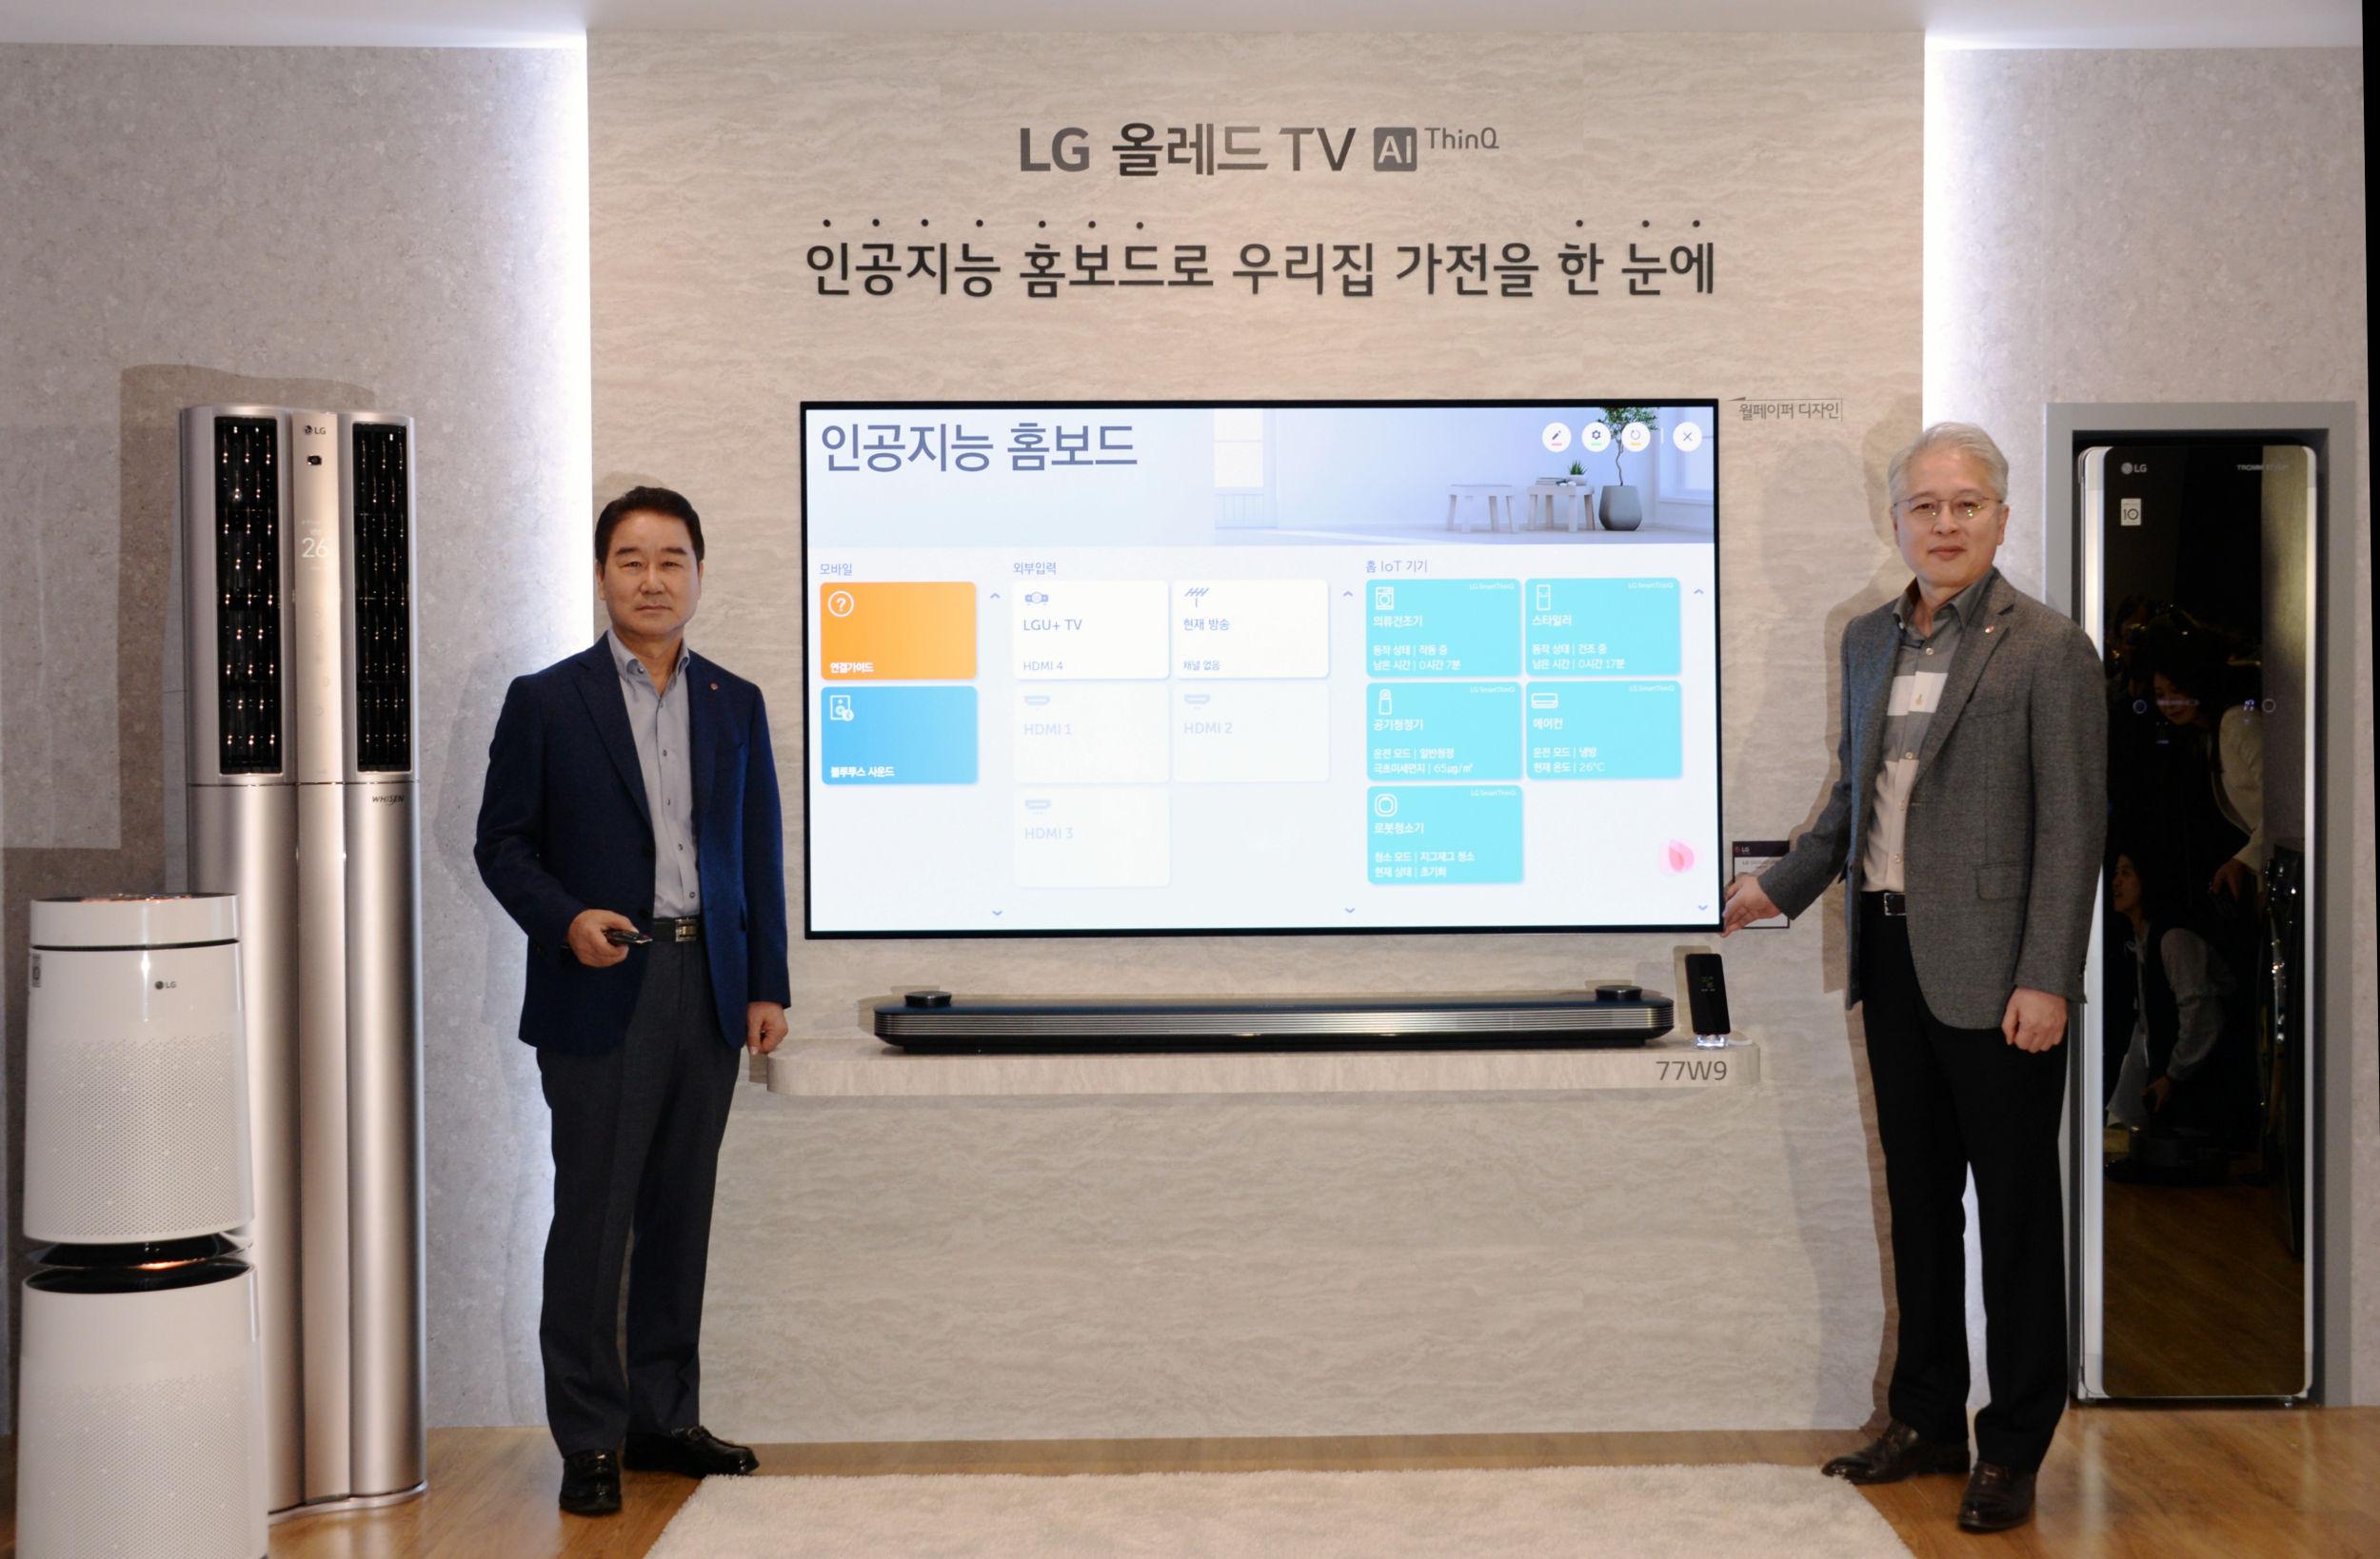 6일 서울 마곡 소재 LG사이언스파크에서 열린 2019년 LG TV 신제품 발표행사에서 LG전자 한국영업본부장 최상규 사장(왼쪽), MC/HE사업본부장 권봉석 사장이 LG 시그니처 올레드 TV W 제품으로 집안 인공지능 가전을 한눈에 확인하고 제어할 수 있는 '인공지능 홈보드' 기능을 소개하고 있다.